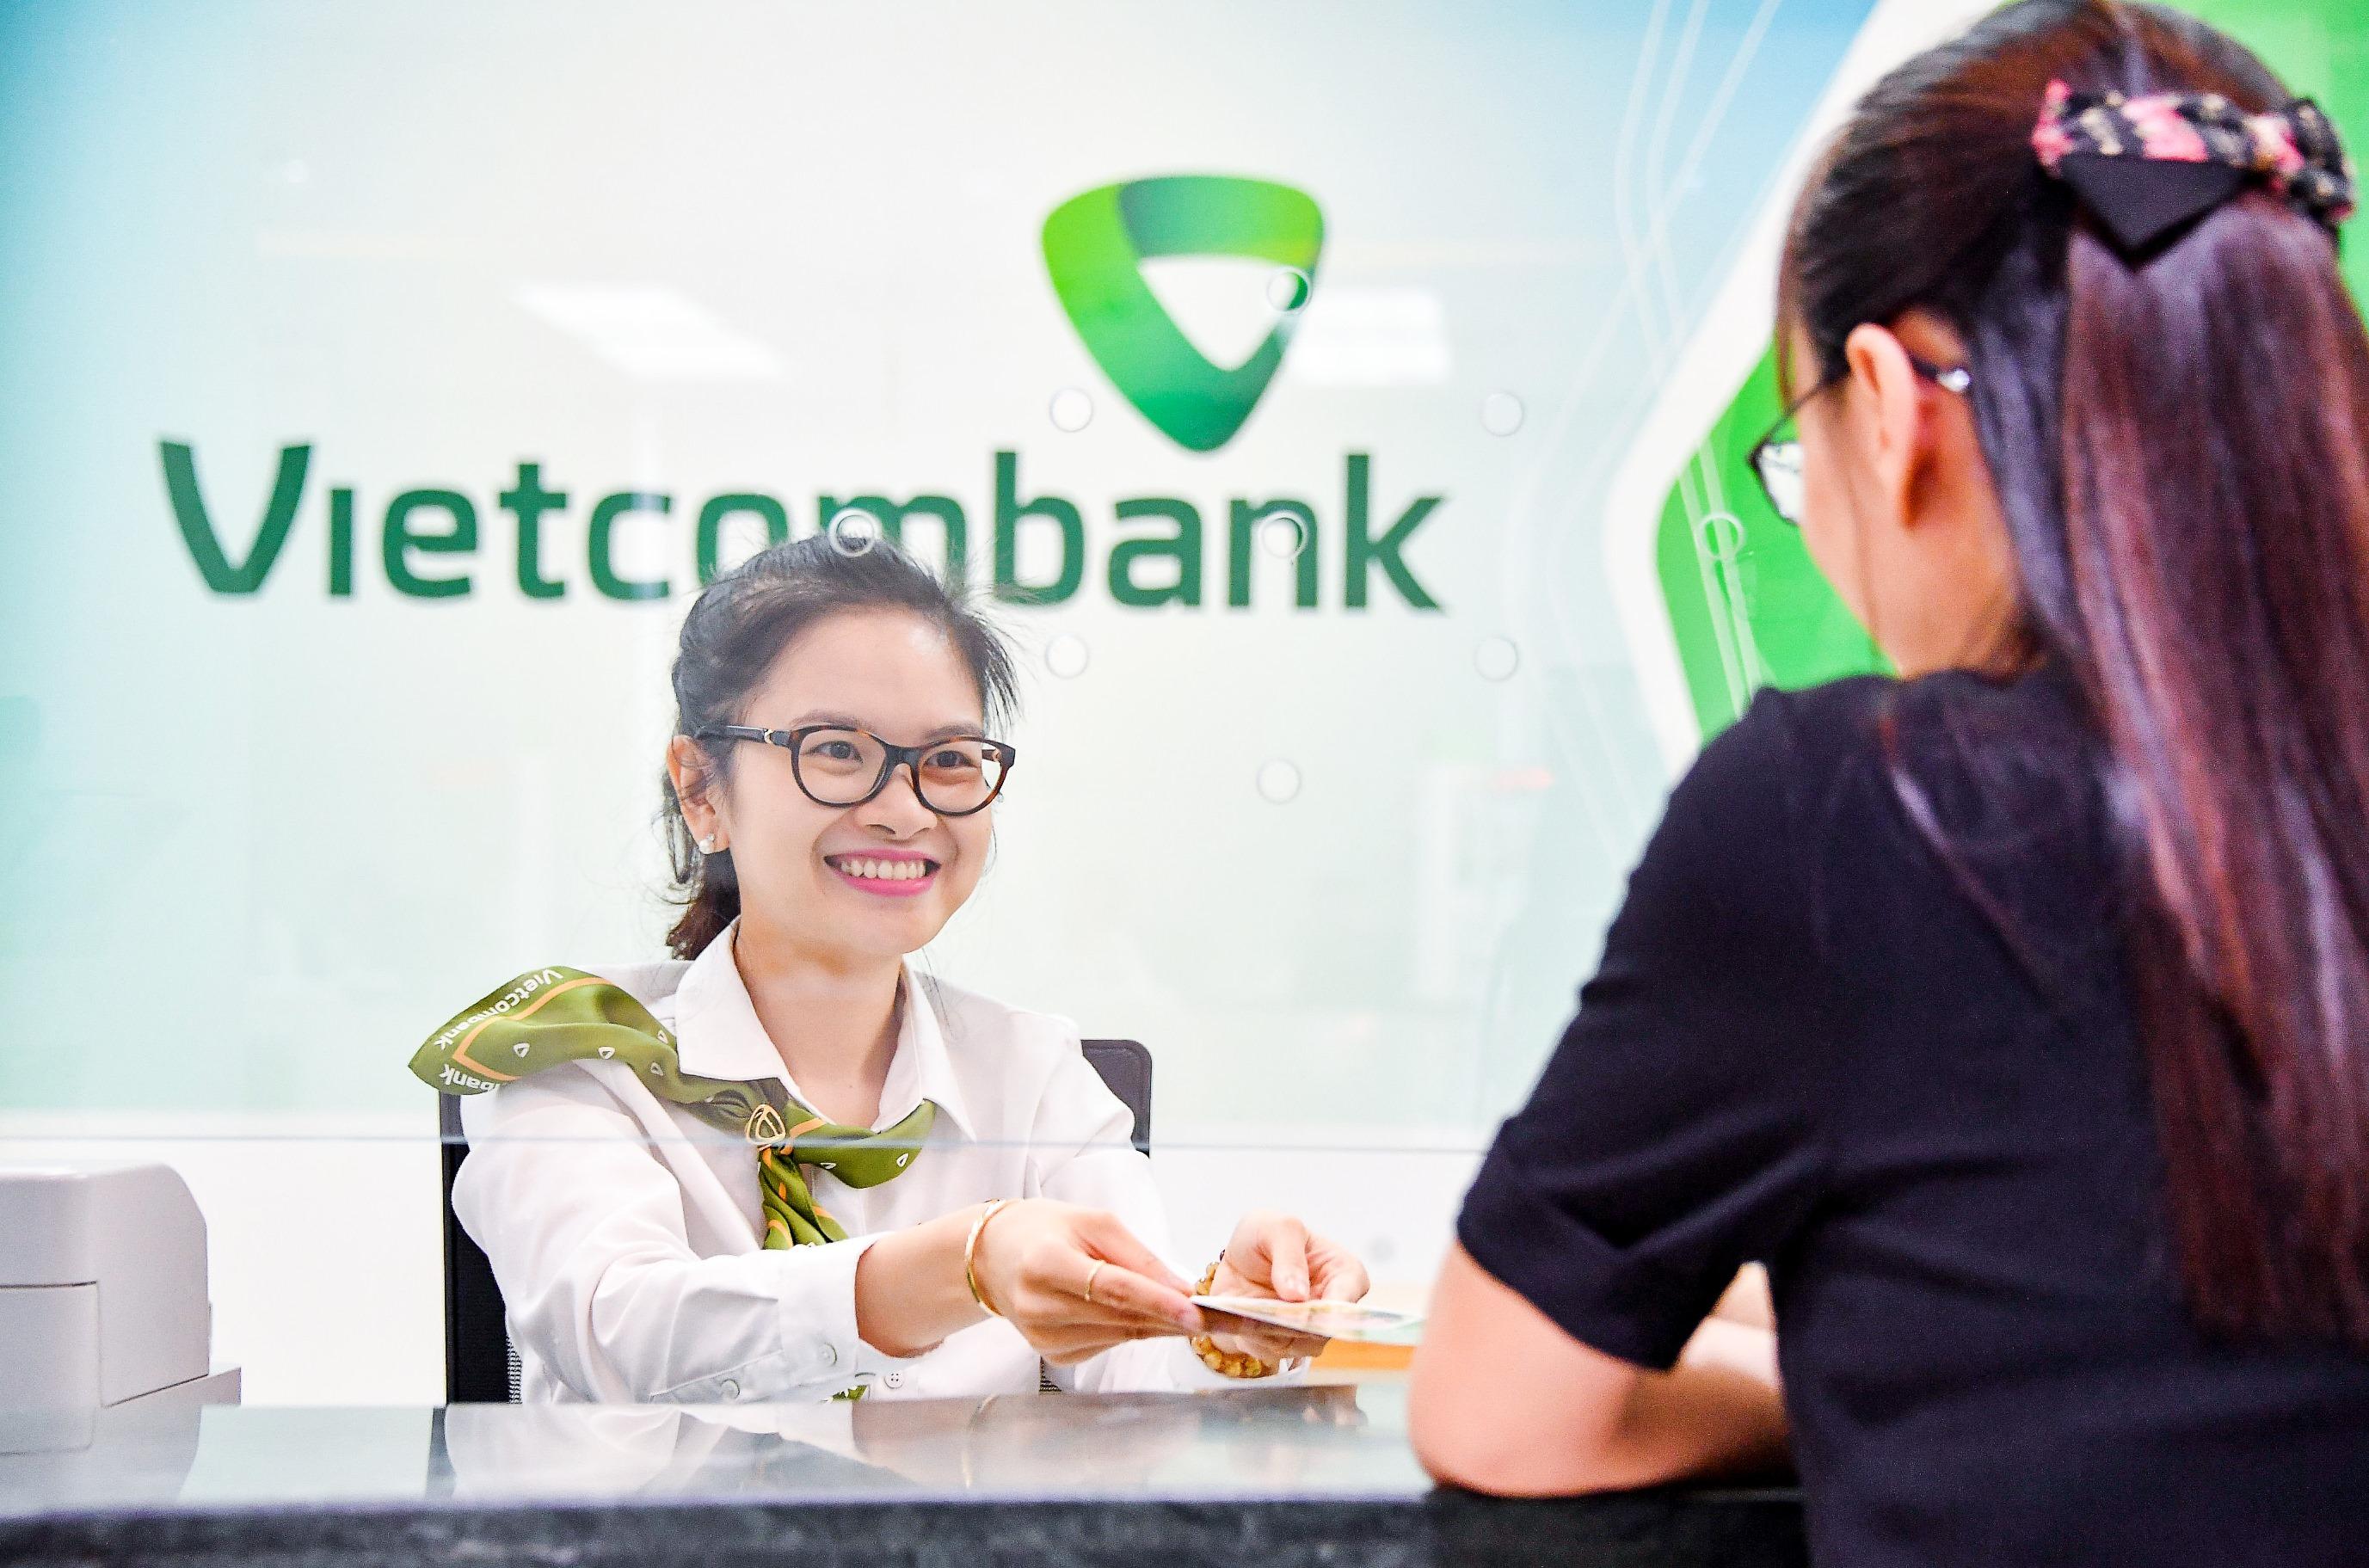 Vietcombank tiếp tục giảm lãi suất tiền vay hỗ trợ khách hàng bị ảnh hưởng bởi đại dịch Covid-19 - Ảnh 1